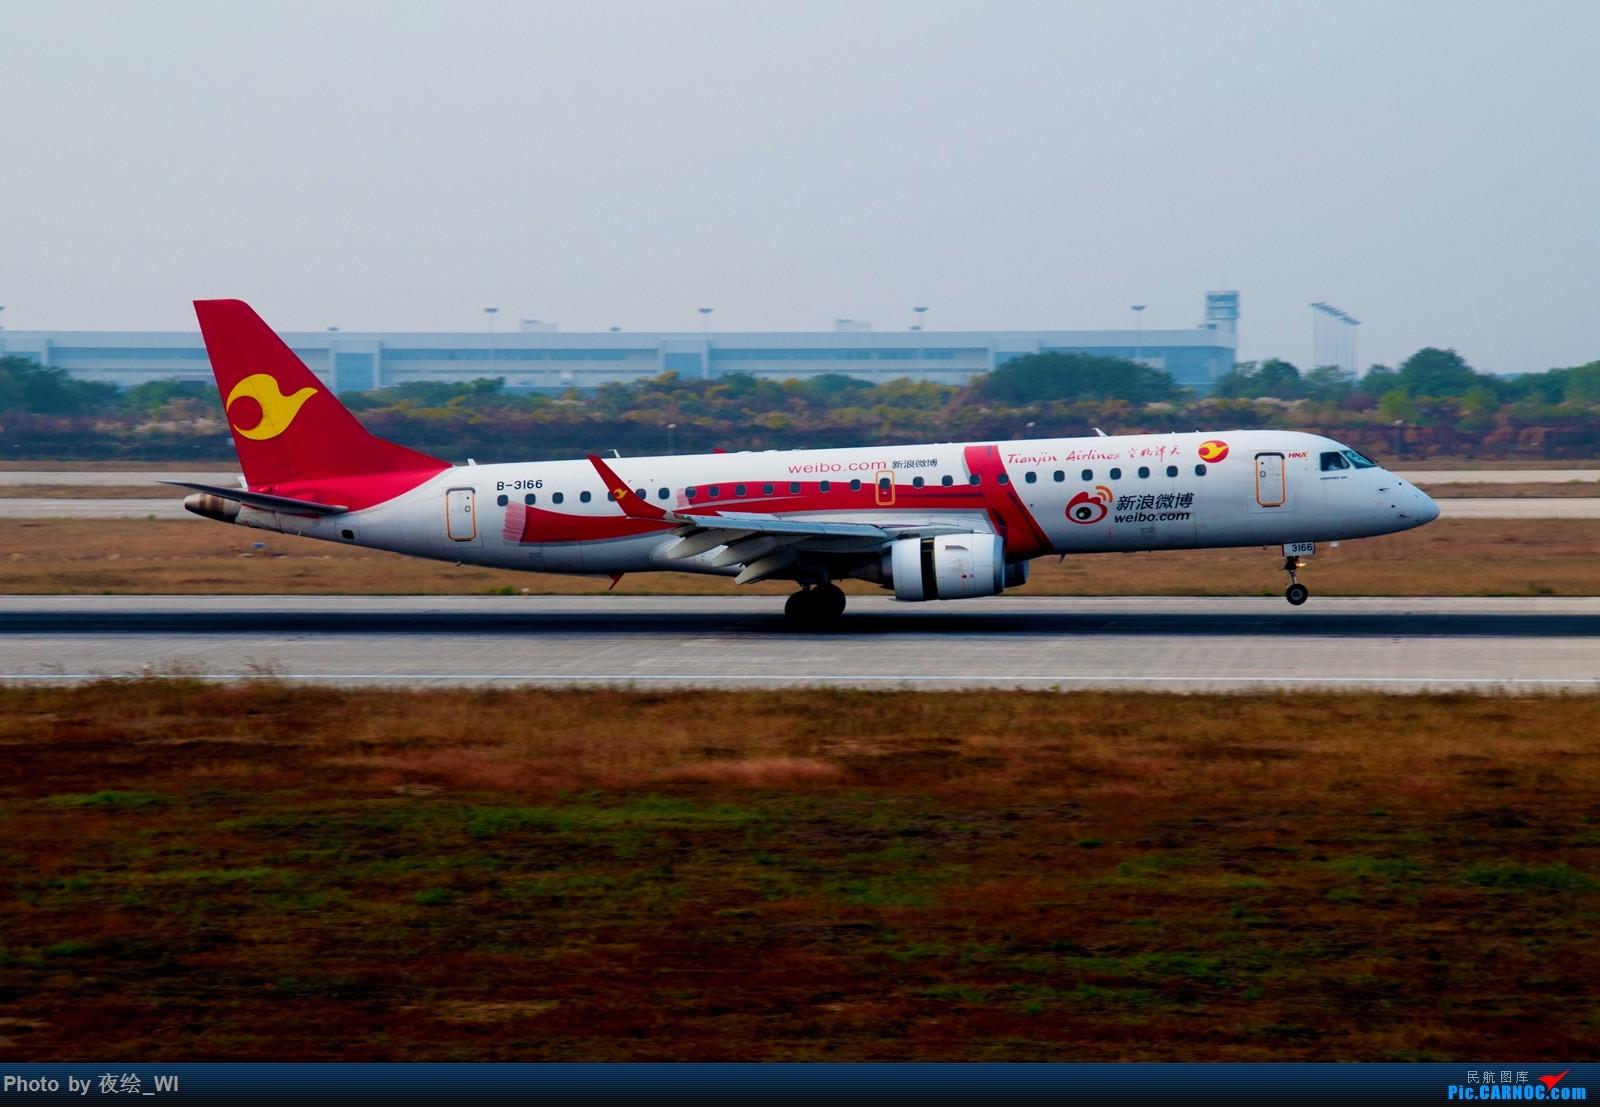 Re:[原创]【NKG】生日第二天就去拍机,日常练手+练后期,今天是胶片味 EMBRAER E-190 B-3166 中国南京禄口国际机场